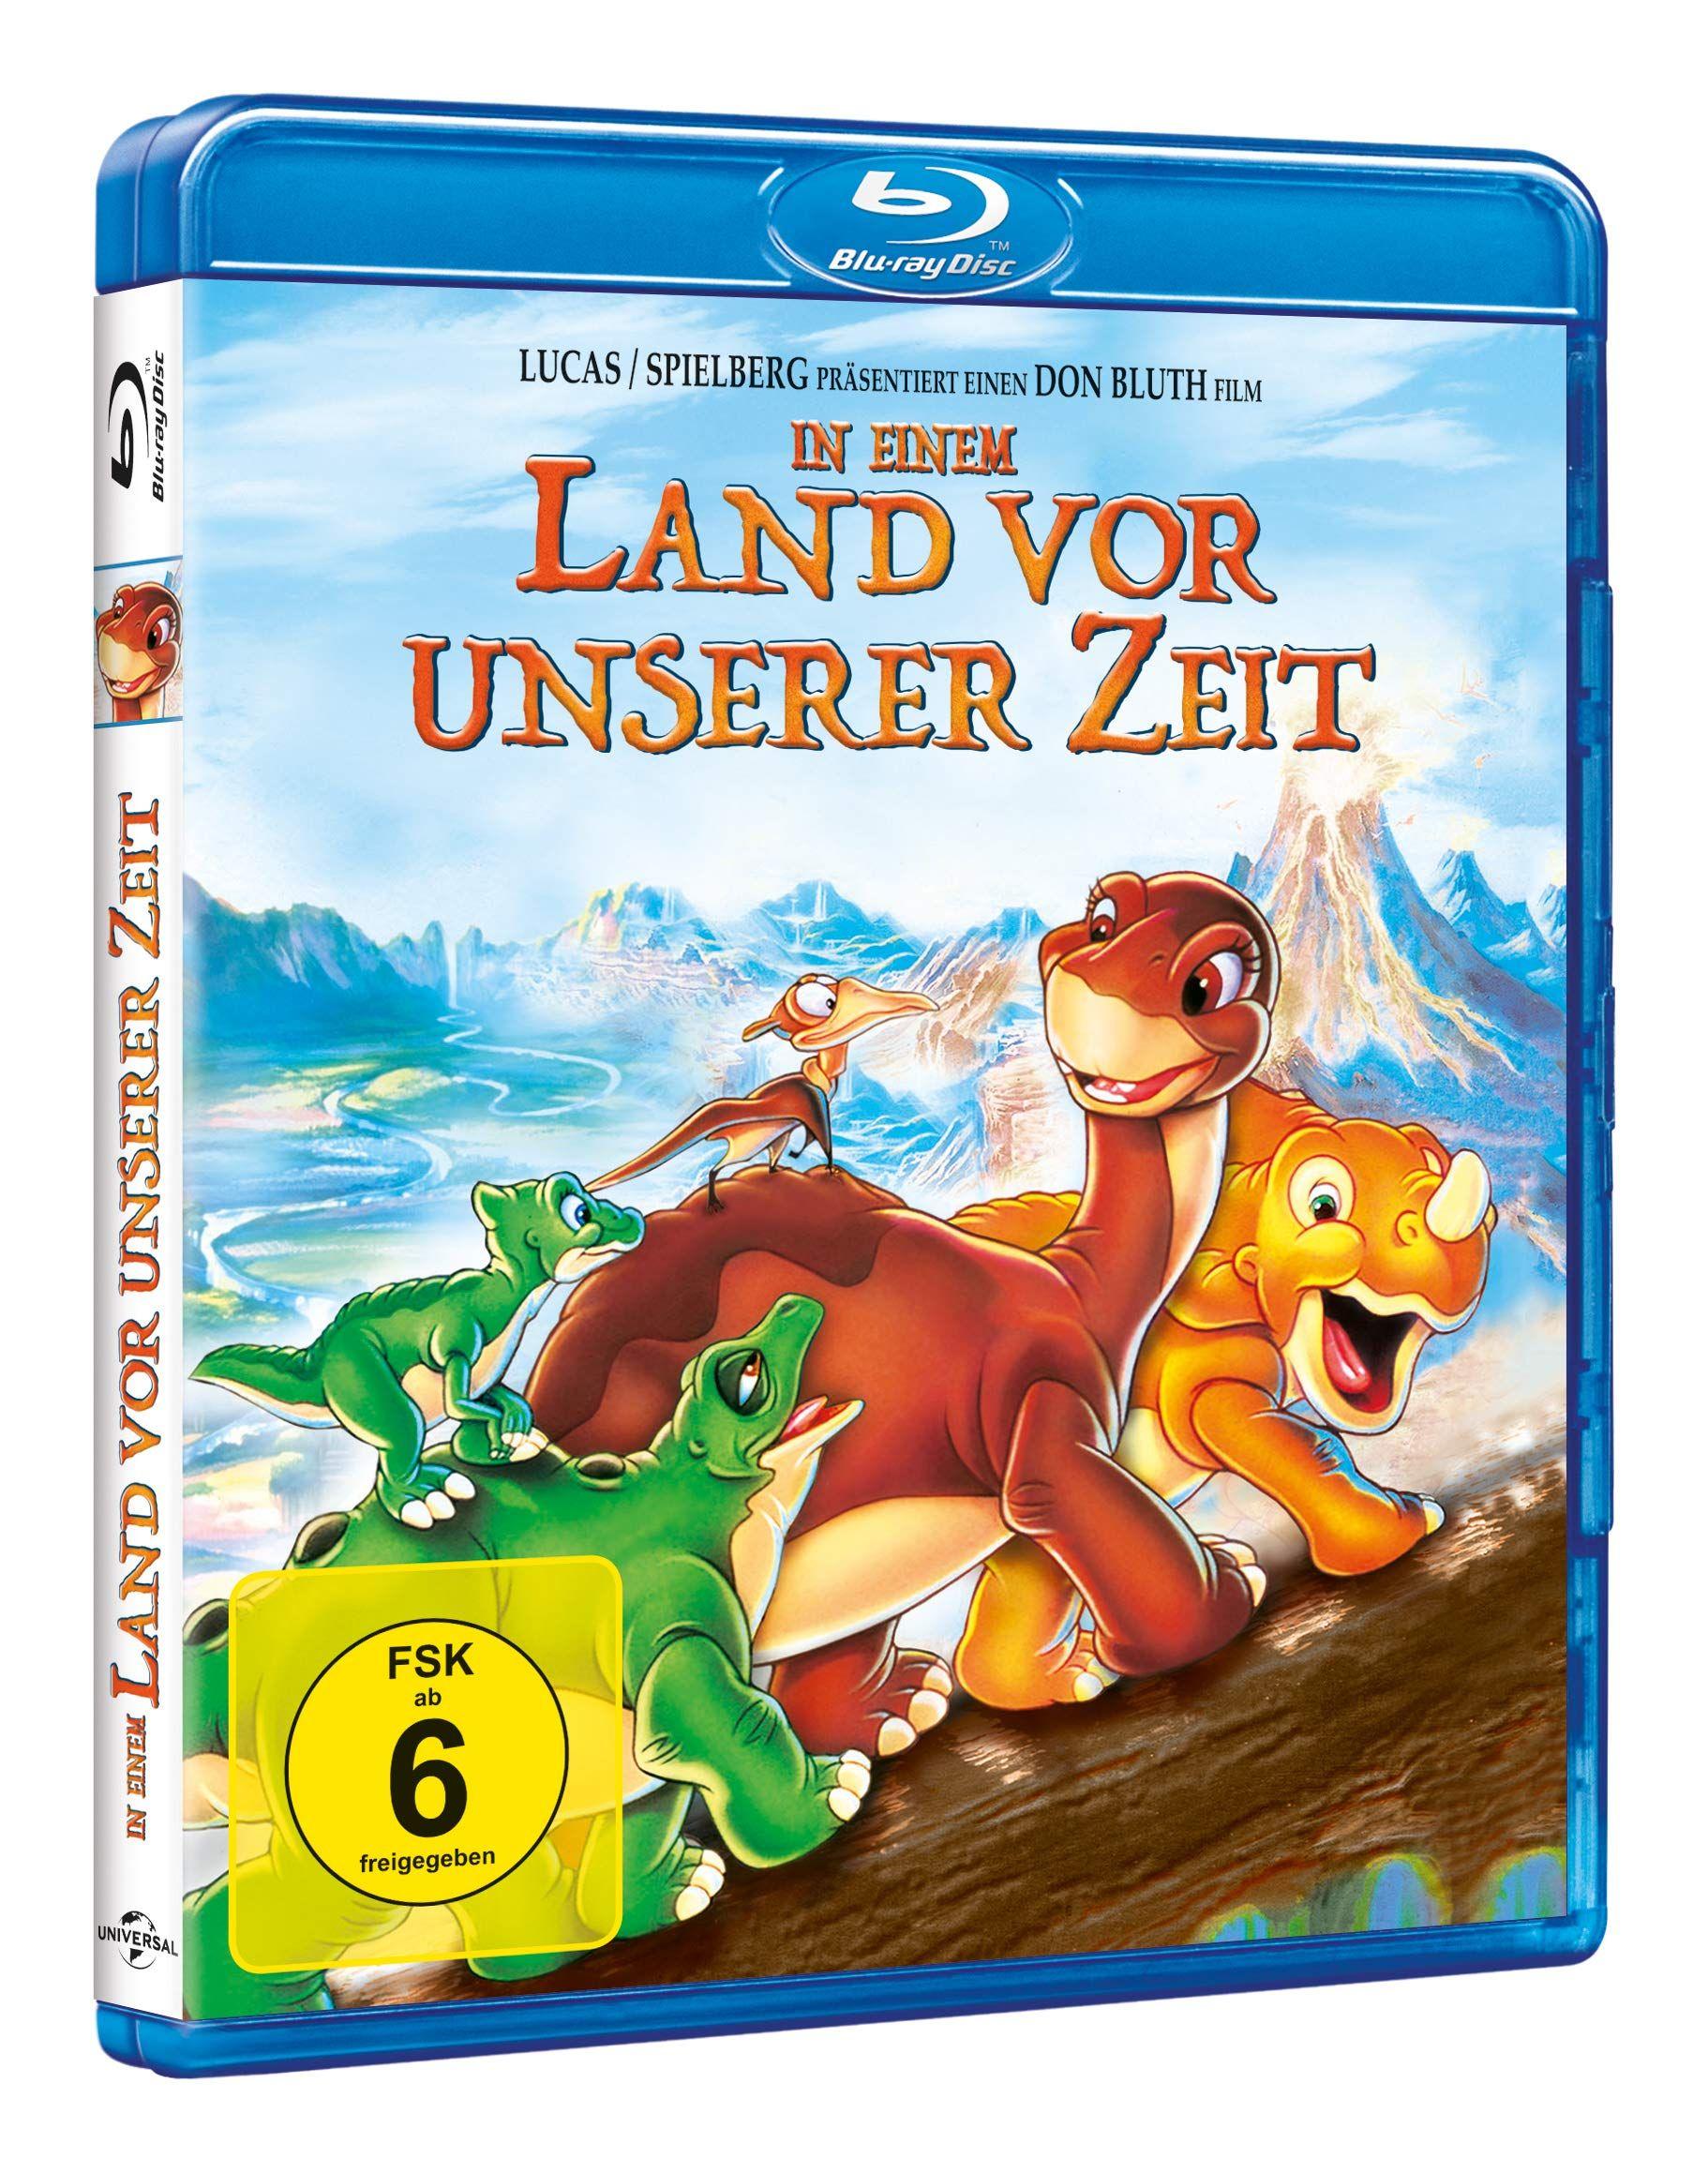 In Einem Land Vor Unserer Zeit Alemania Blu Ray Ad Vor Unserer Einem Land Movie Poster Art Landscape Poster Poster Layout